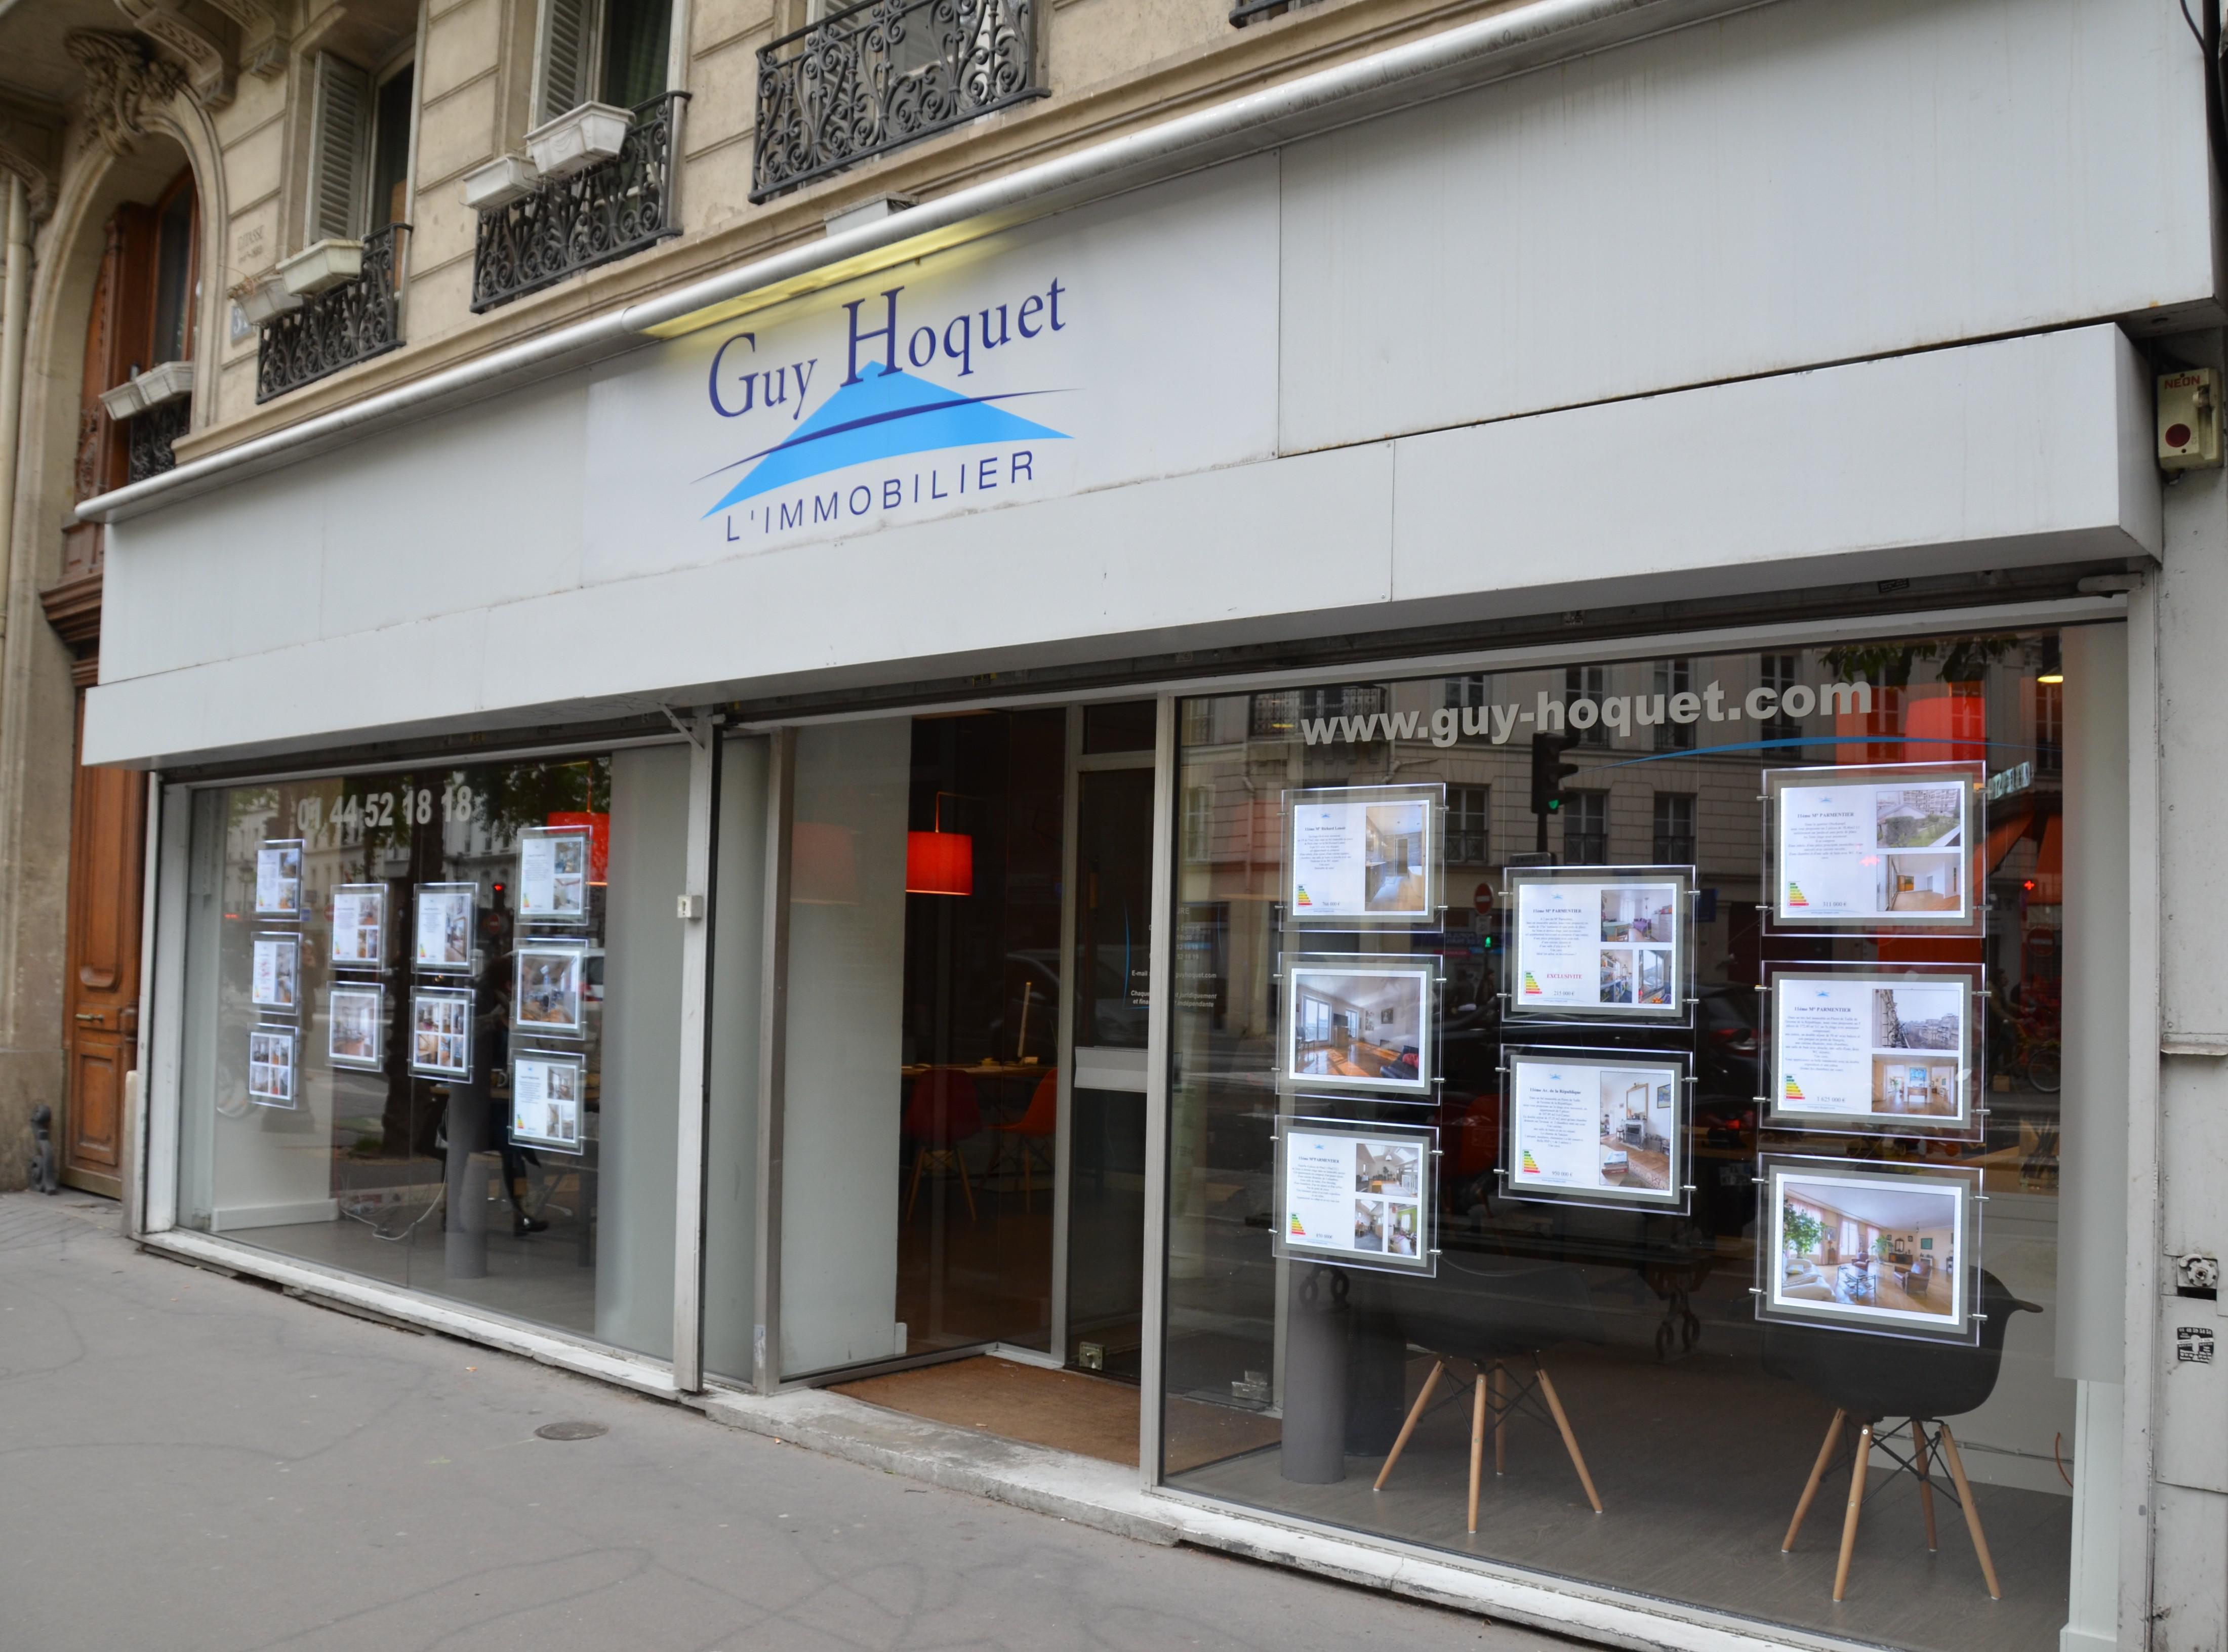 Image de l'agence Guy Hoquet L'Immobilier 10 eme